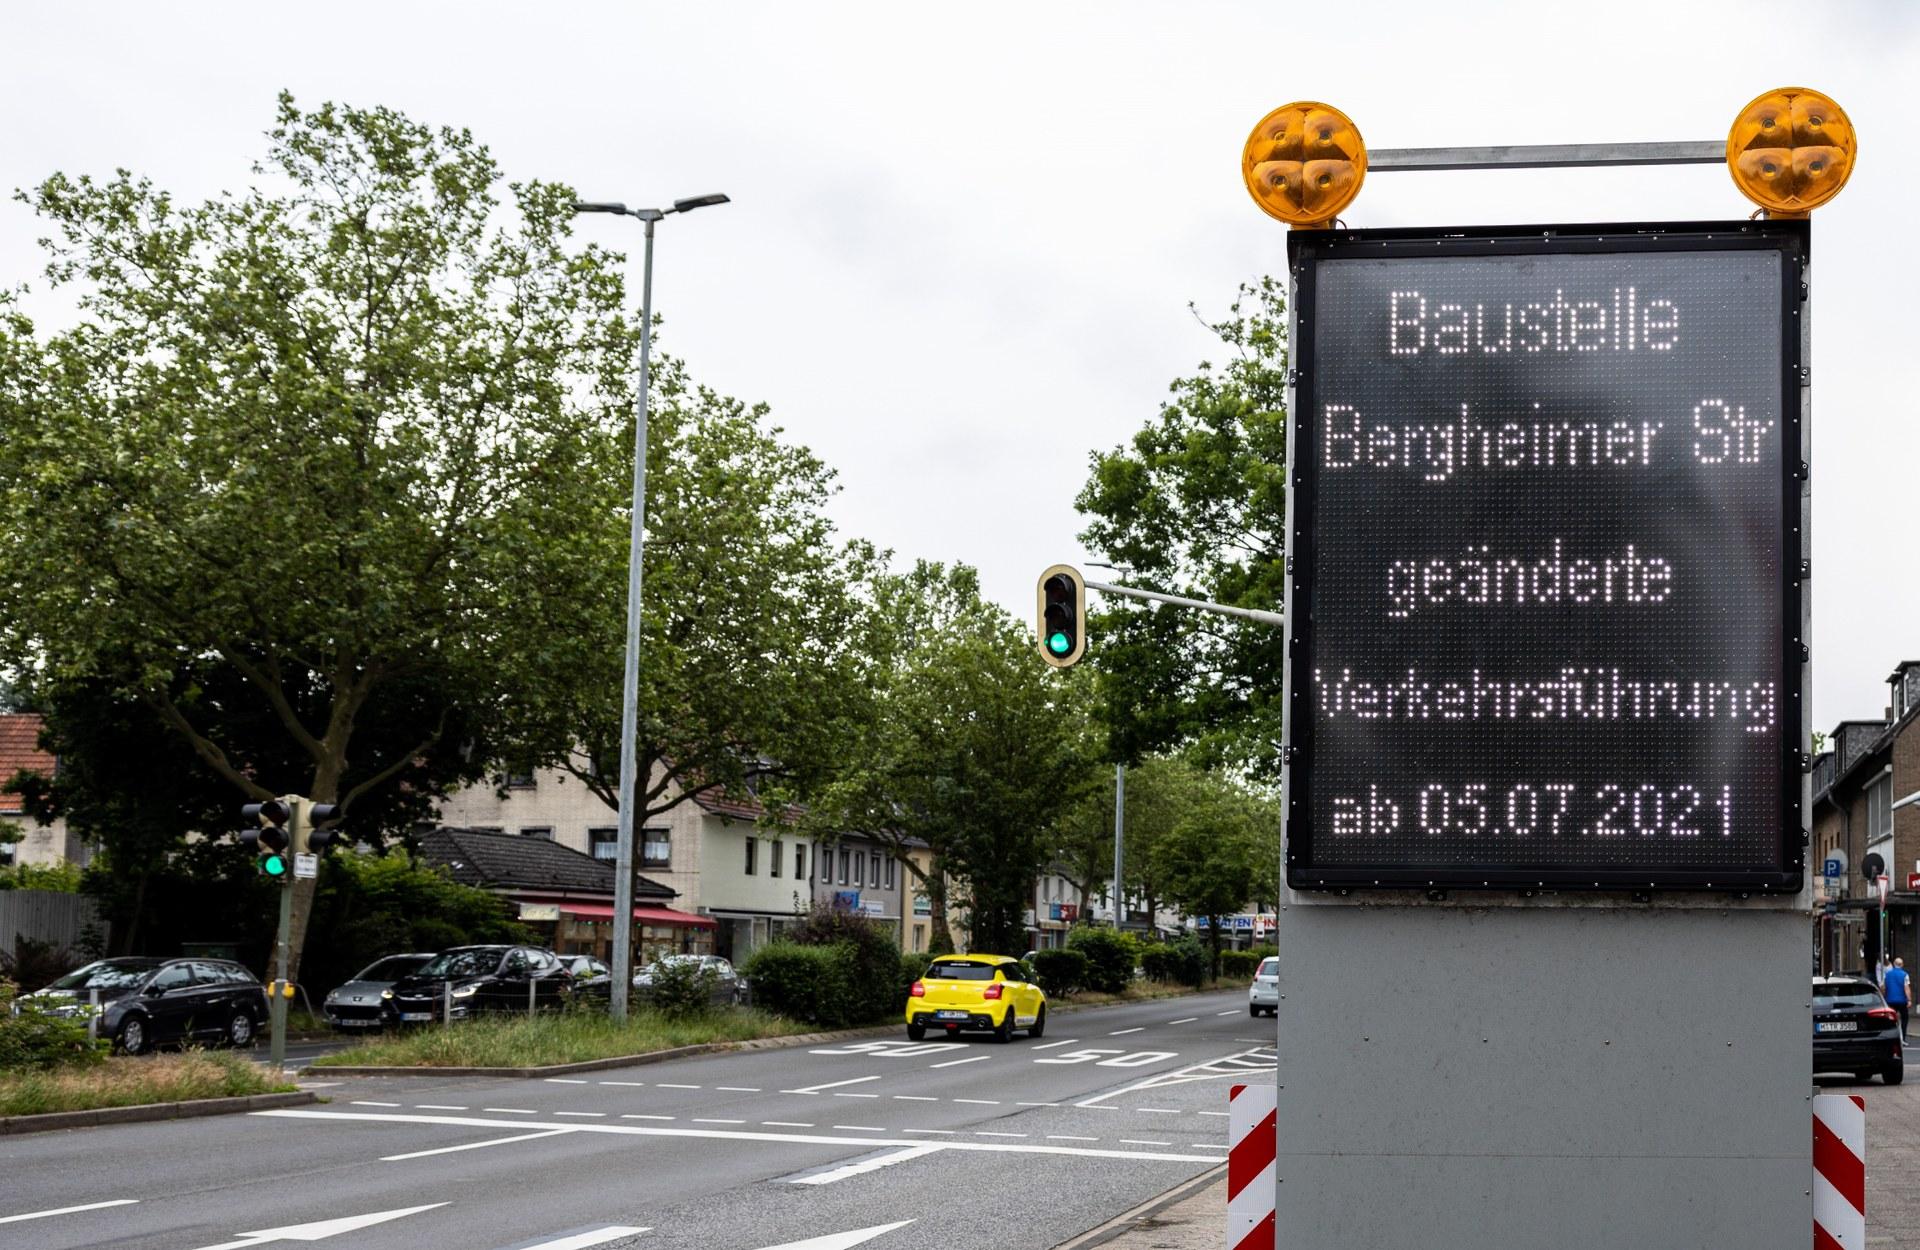 baustelle_bergheimerstr_juni_2021_stadt_neuss-1.jpg